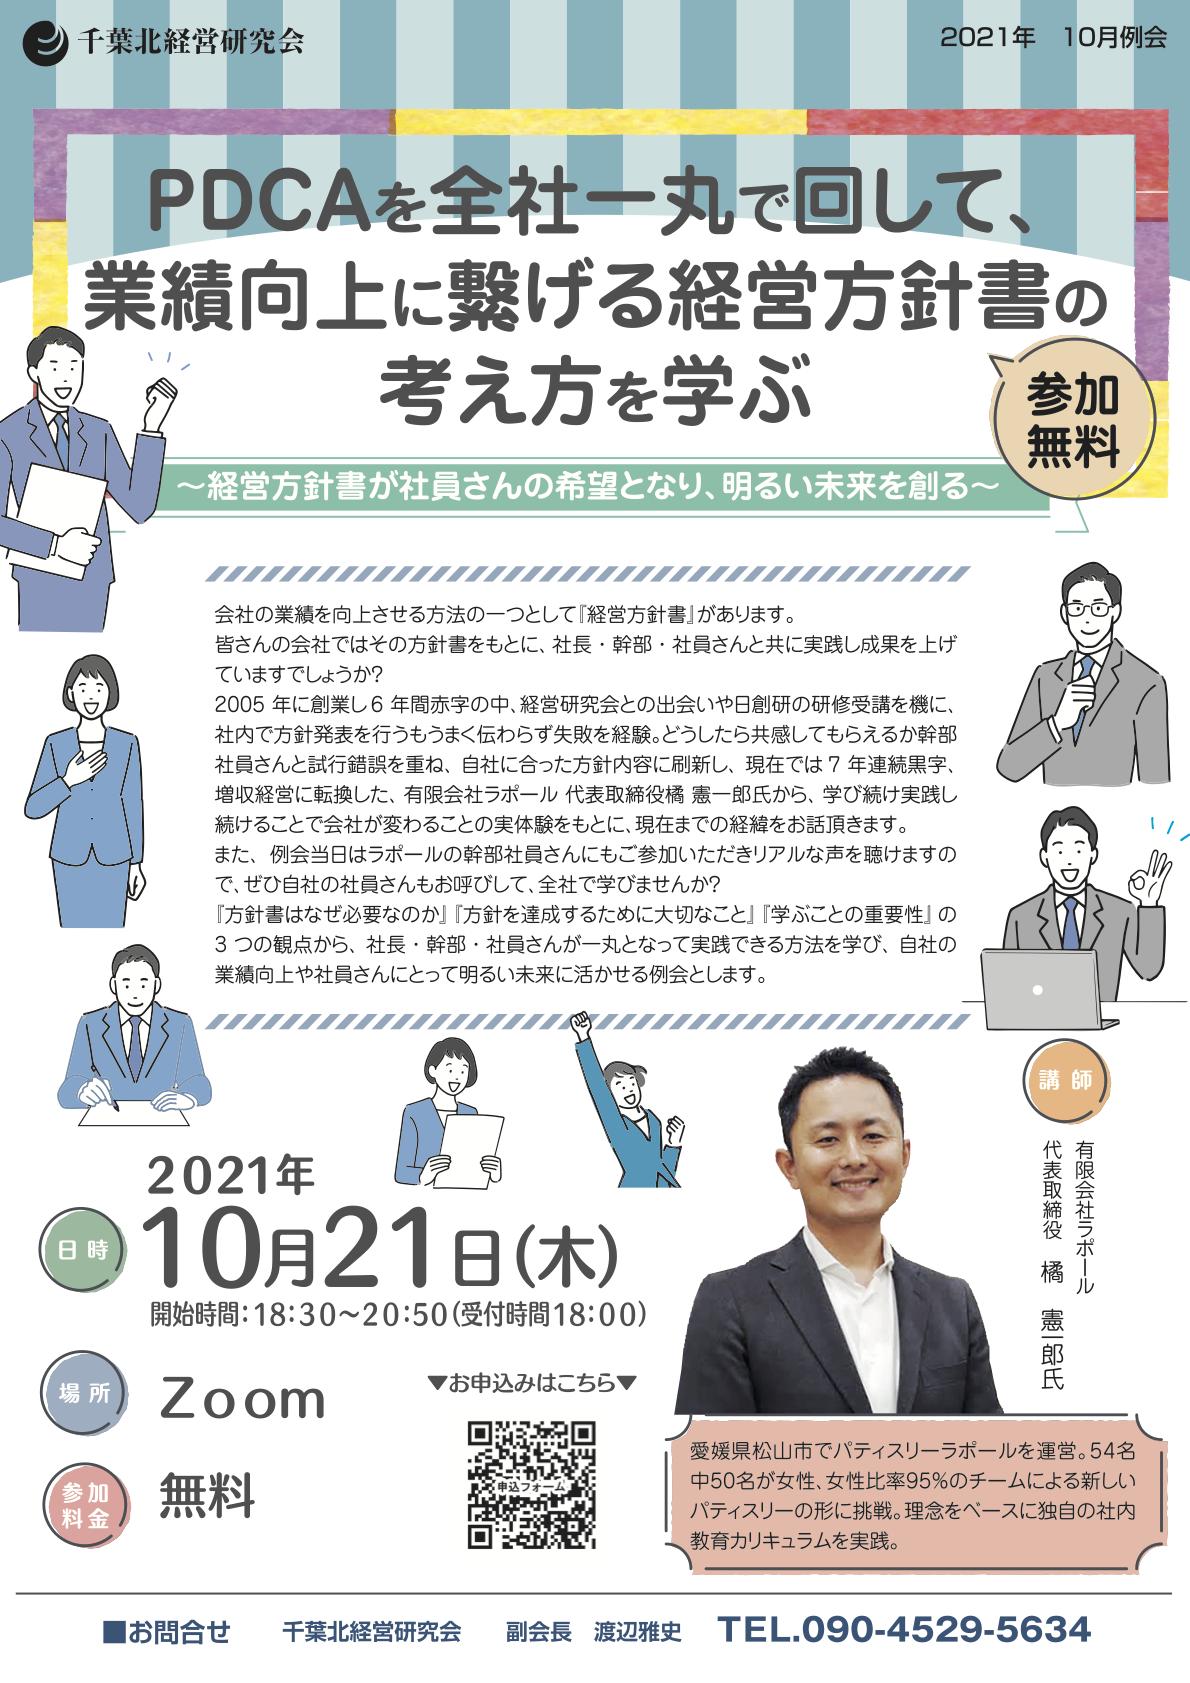 千葉北経営研究会(2021年10月例会)『PDCAを全社一丸で回して、業績向上に繋げる経営方針書の考え方を学ぶ』